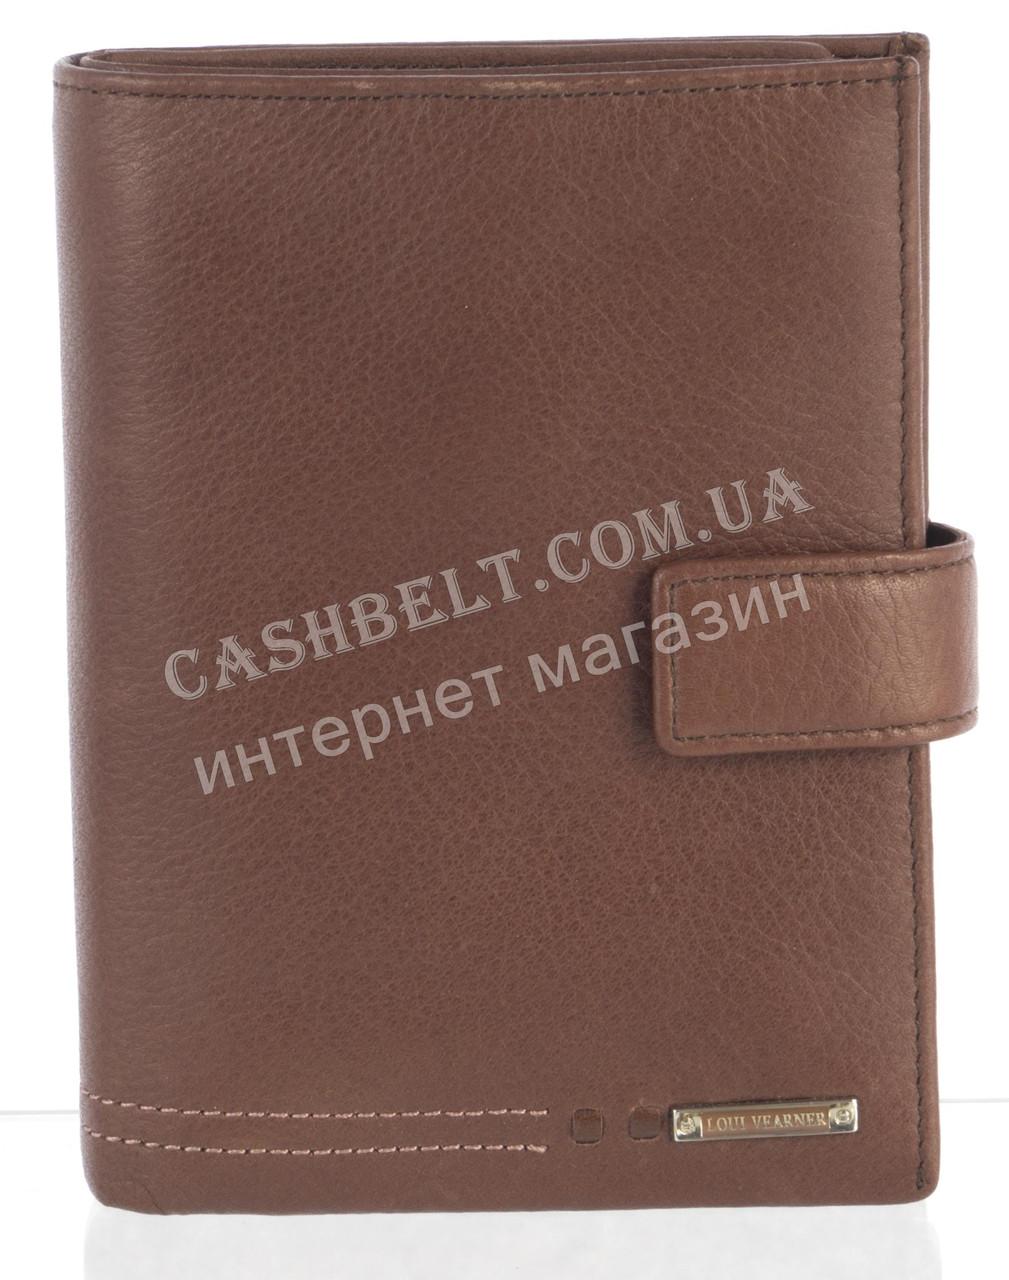 Элитное стильное кожаное мужское портмоне с документницей из мягкой кожи Loui Vearner art. LOU-4204M коричнев